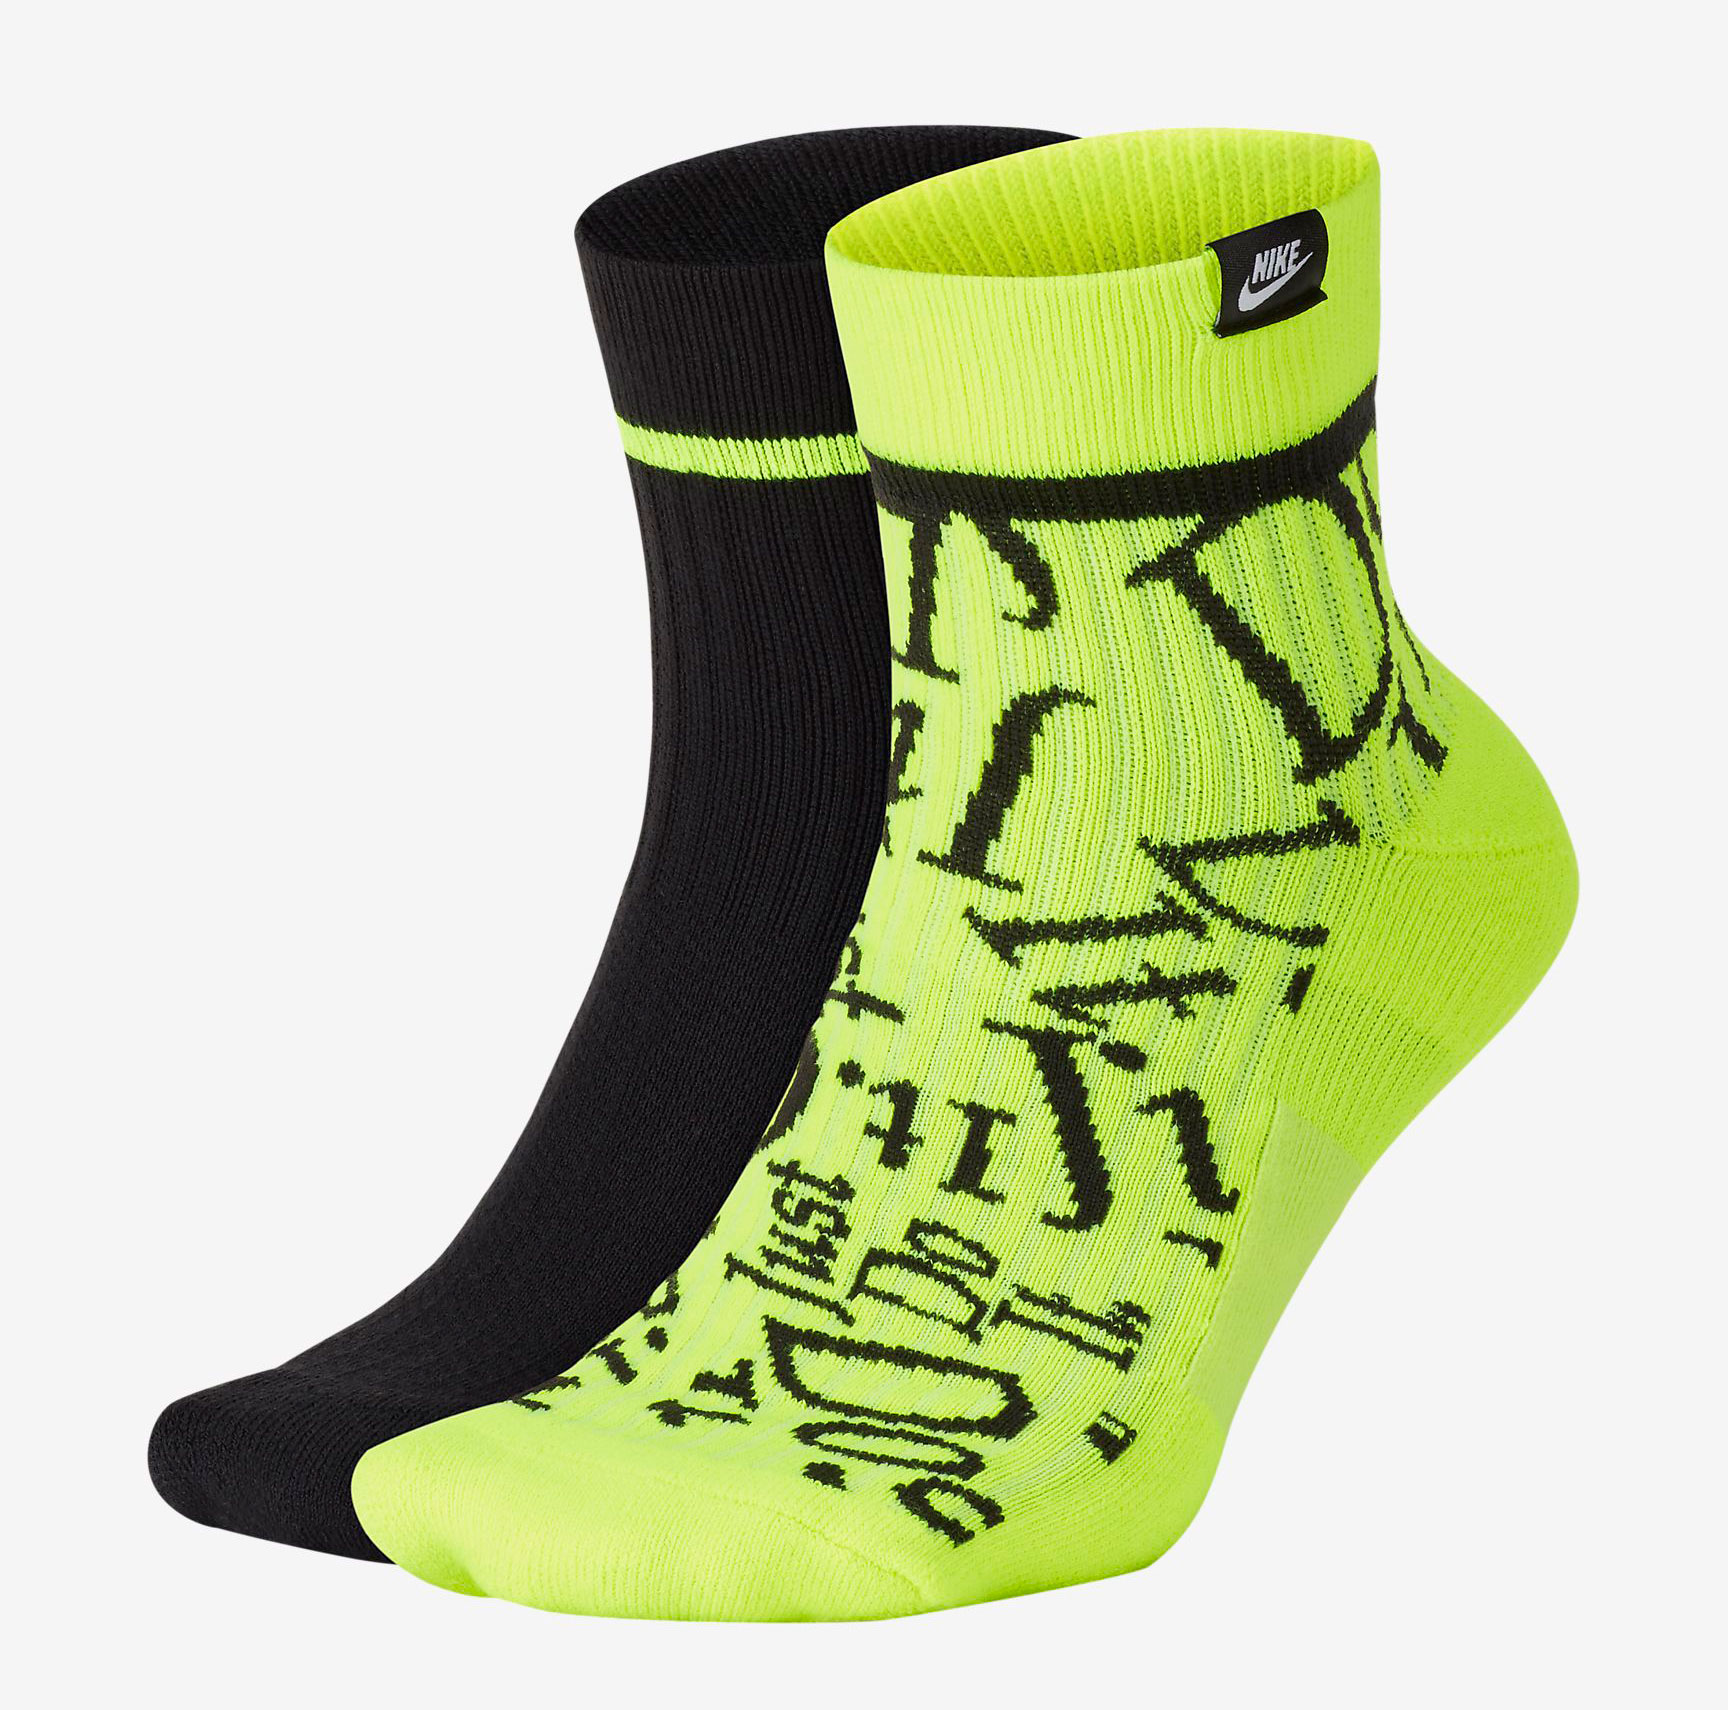 nike-kobe-5-protro-chaos-socks-match